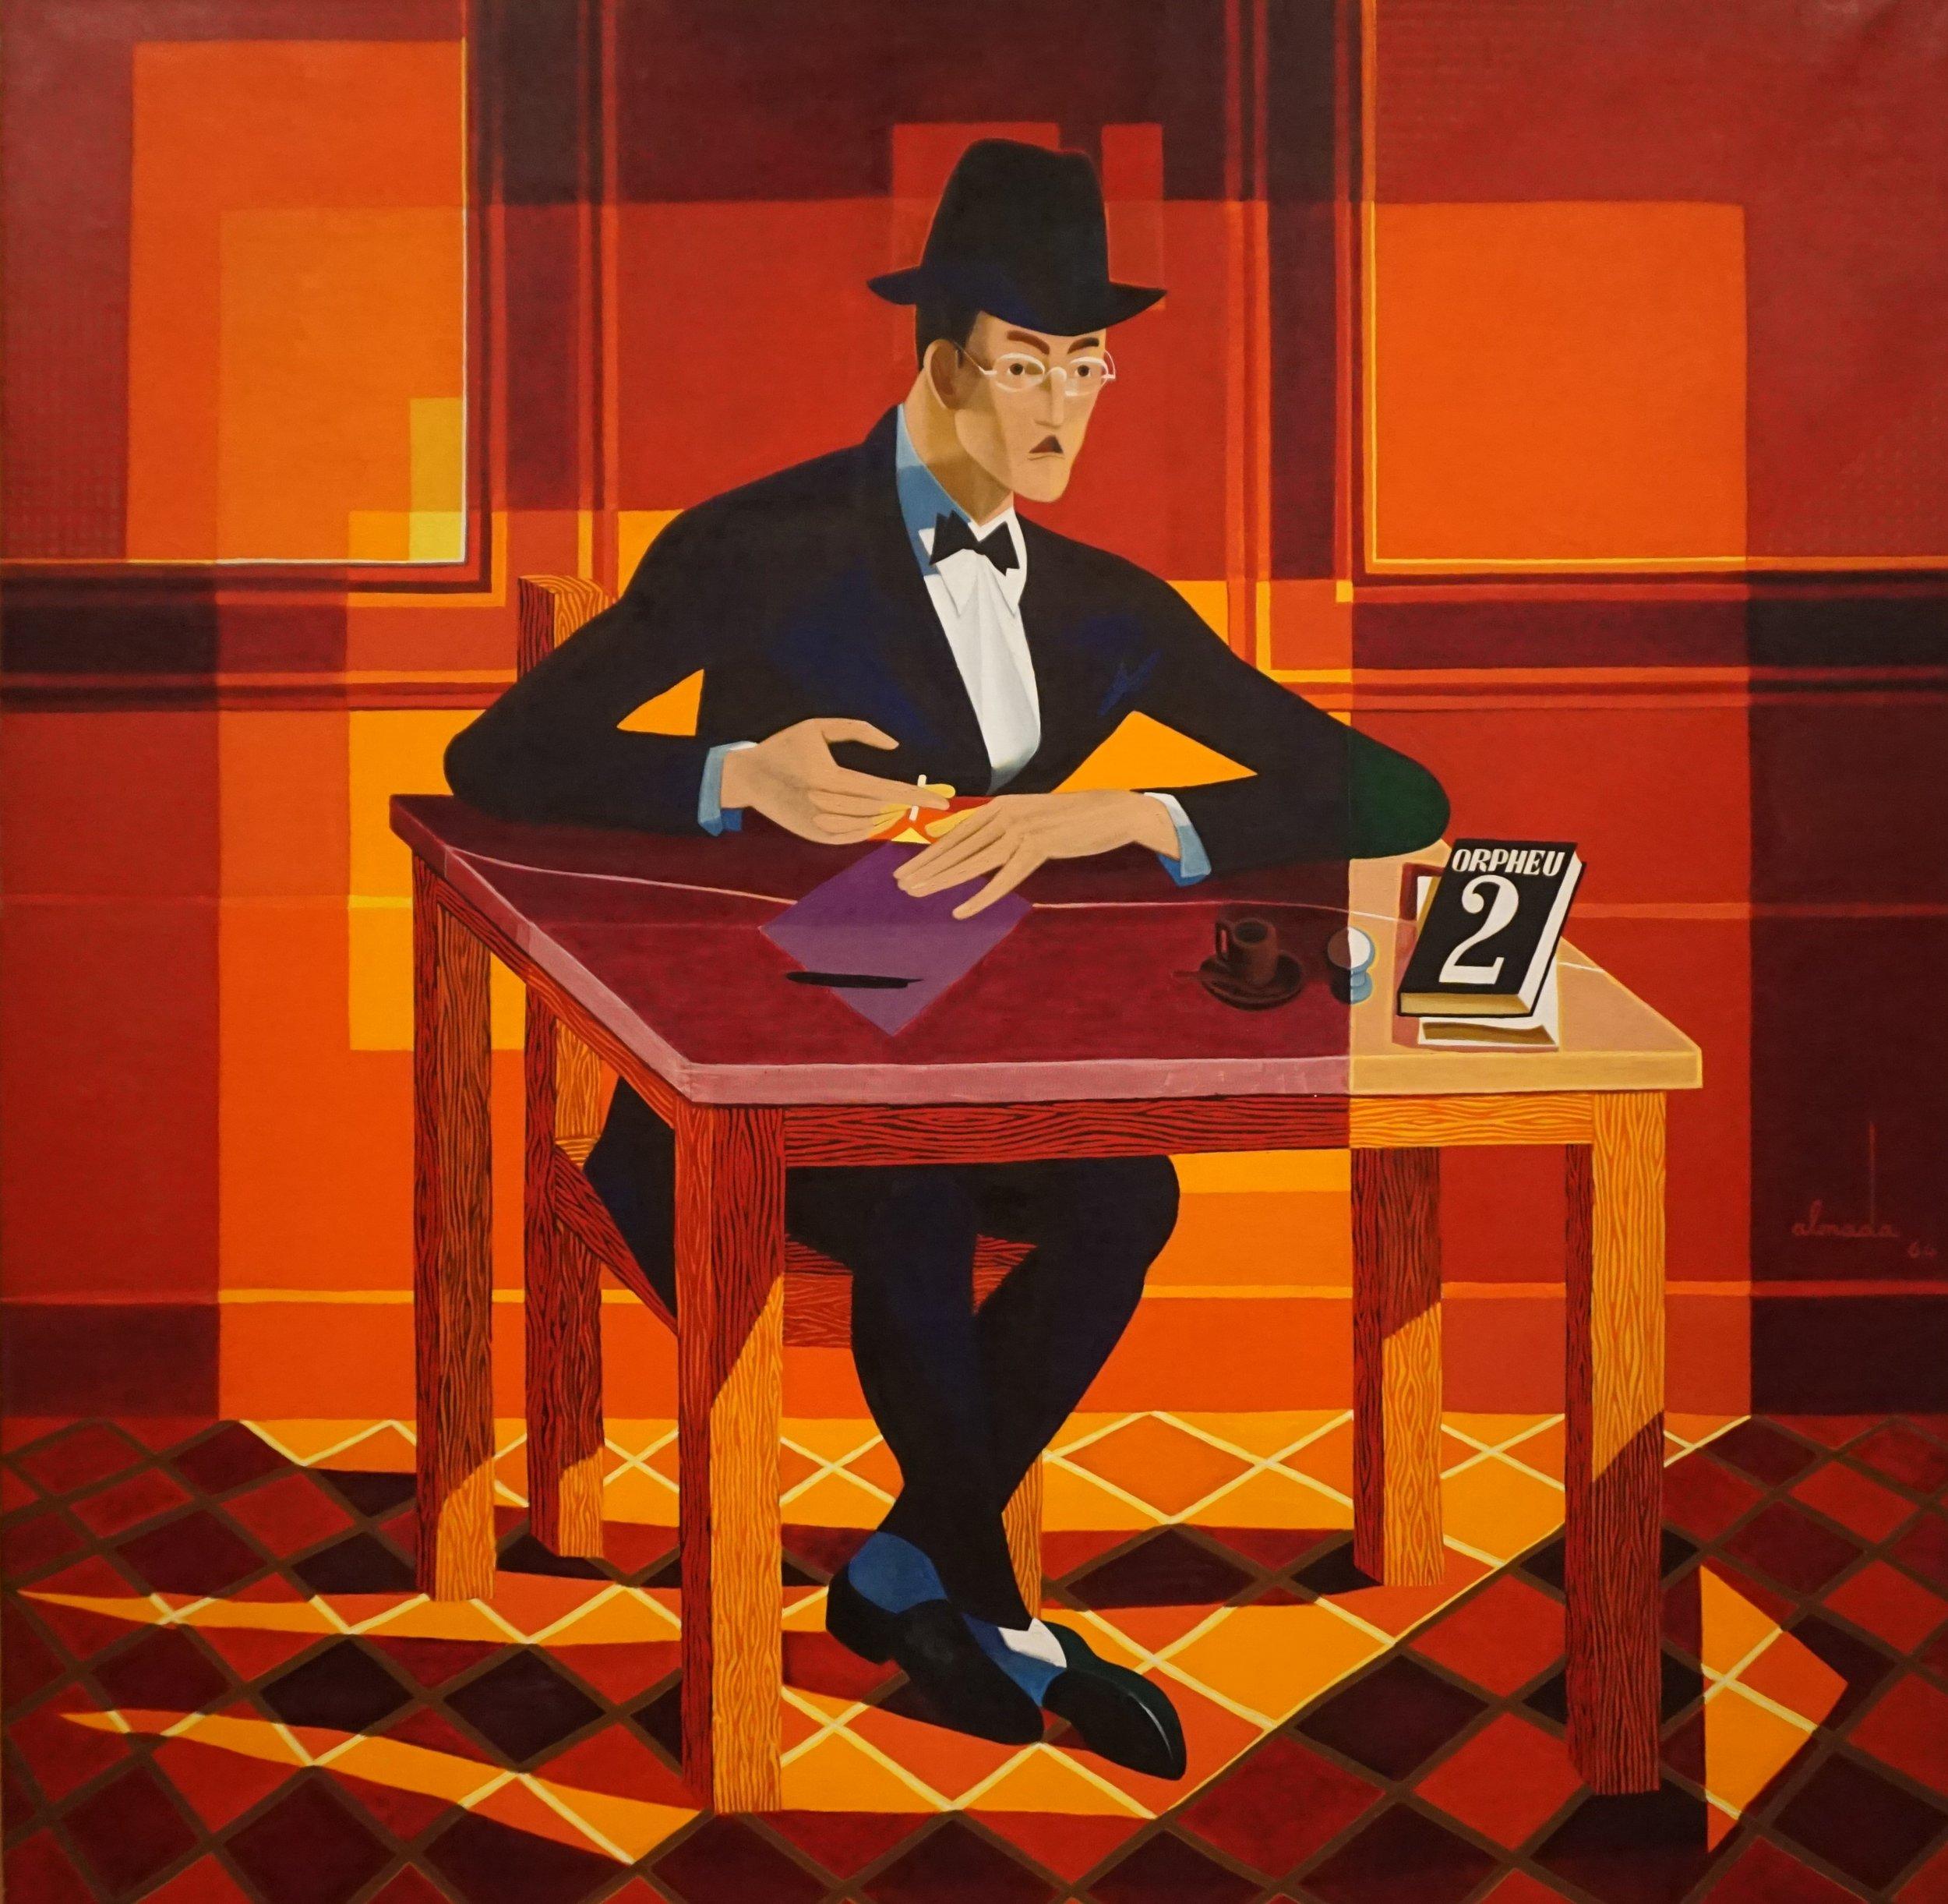 Retrato de Fernando Pessoa - José de Almada Negreiros, 1964